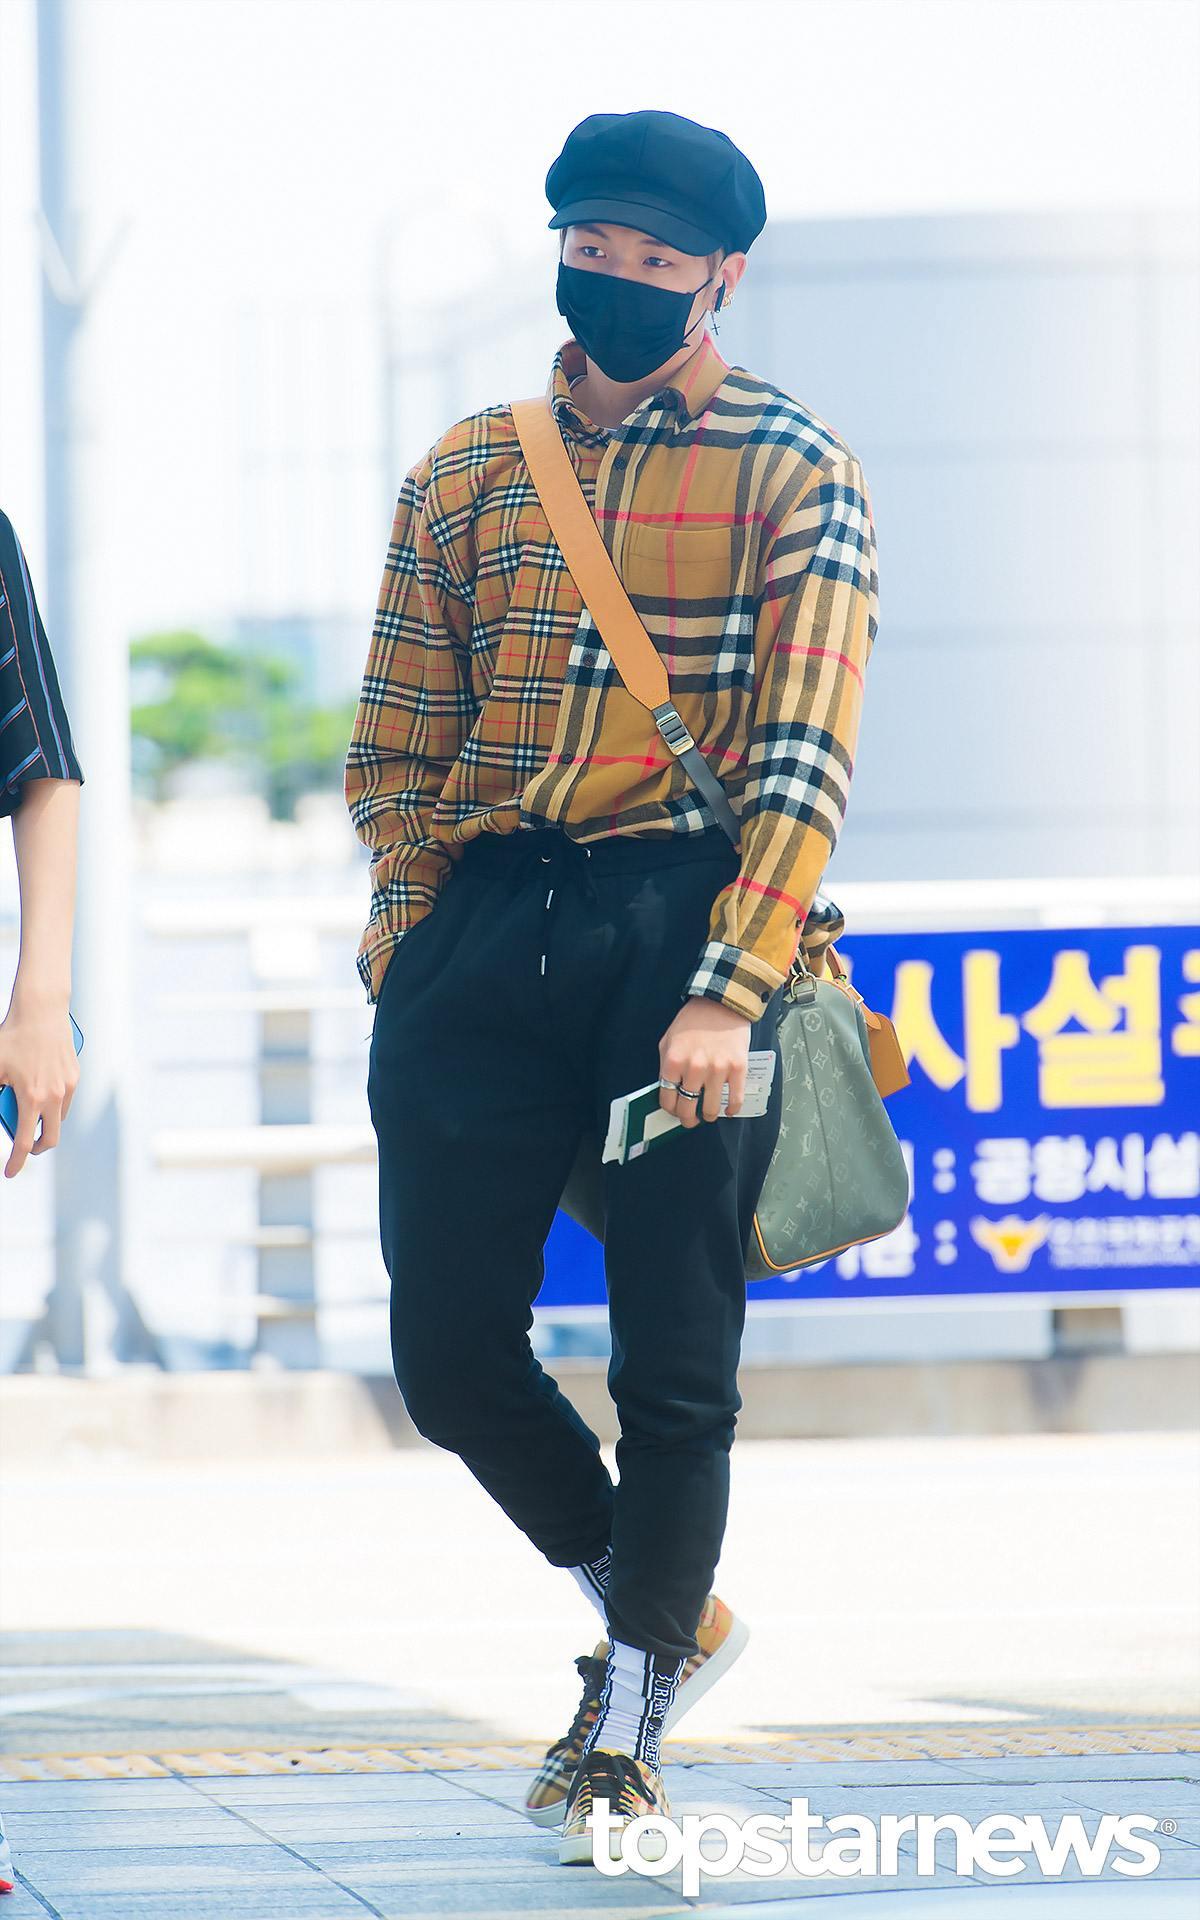 21歲-姜丹尼爾: 利用多種名牌(?)元素做結合,重點絕對是身上的格紋襯衫啦!利用拼接款的格紋襯衫,搭配一件黑色褲子和五角帽,看起來低調又有特色。